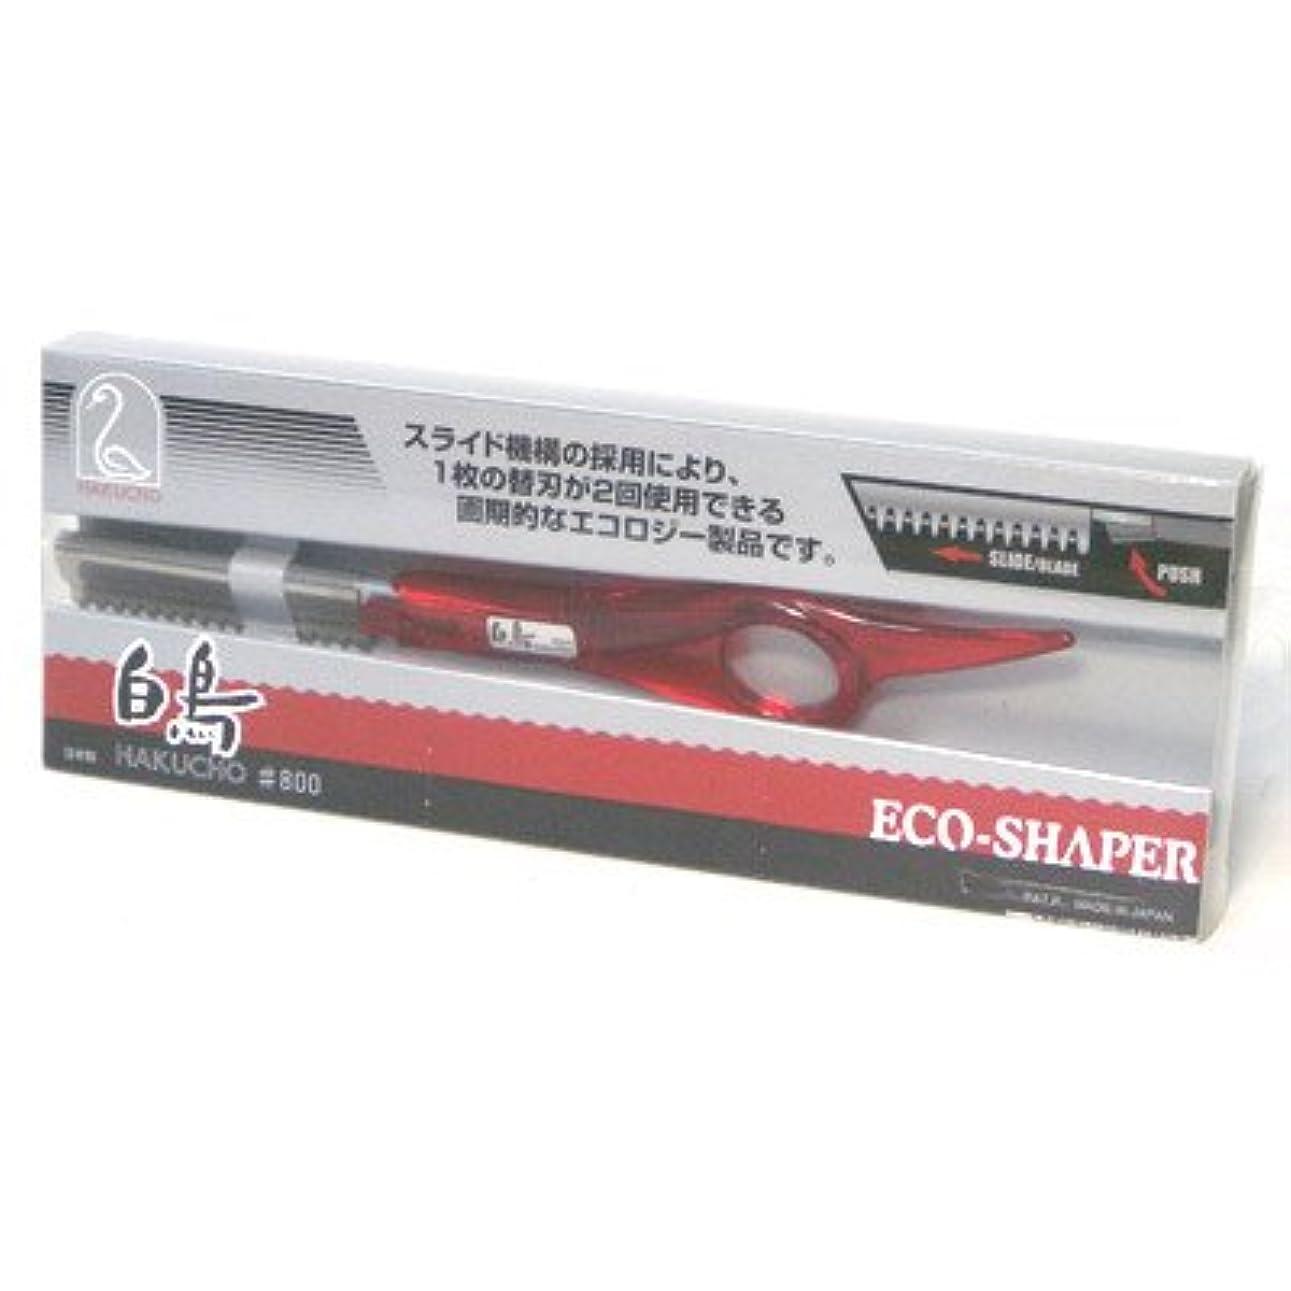 縮約重さアウトドア白鳥 カットレザー #800 ECO-SHAPER